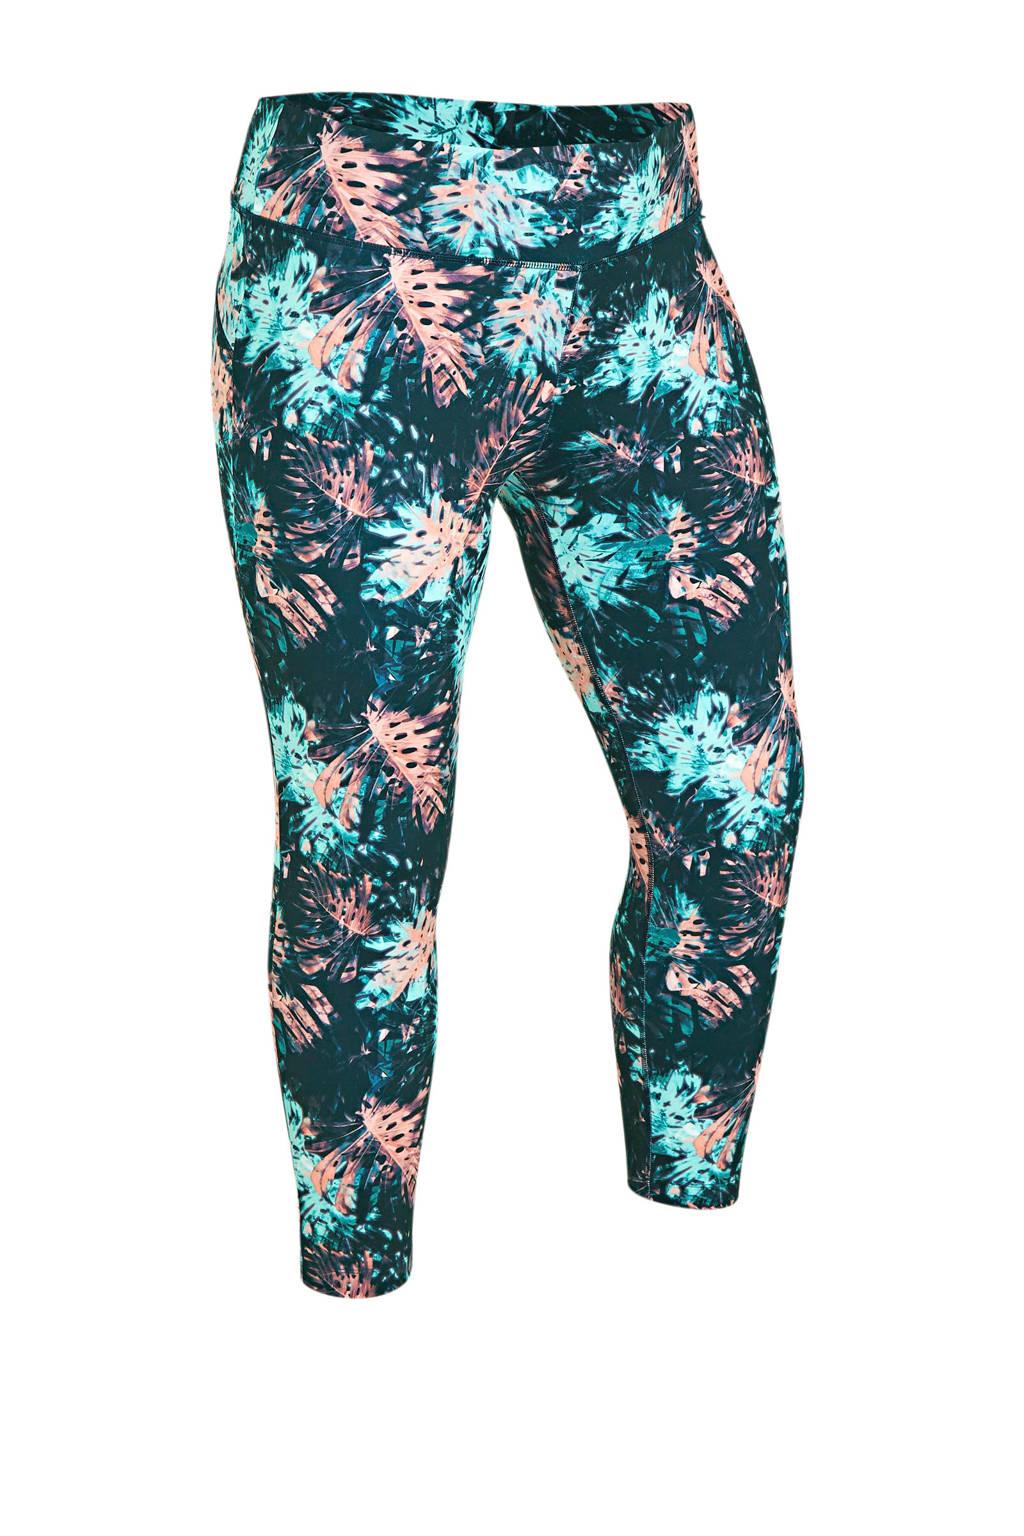 ESPRIT Women Sports Plus Size sportbroek met bloemen antraciet, antraciet/roze lichtblauw